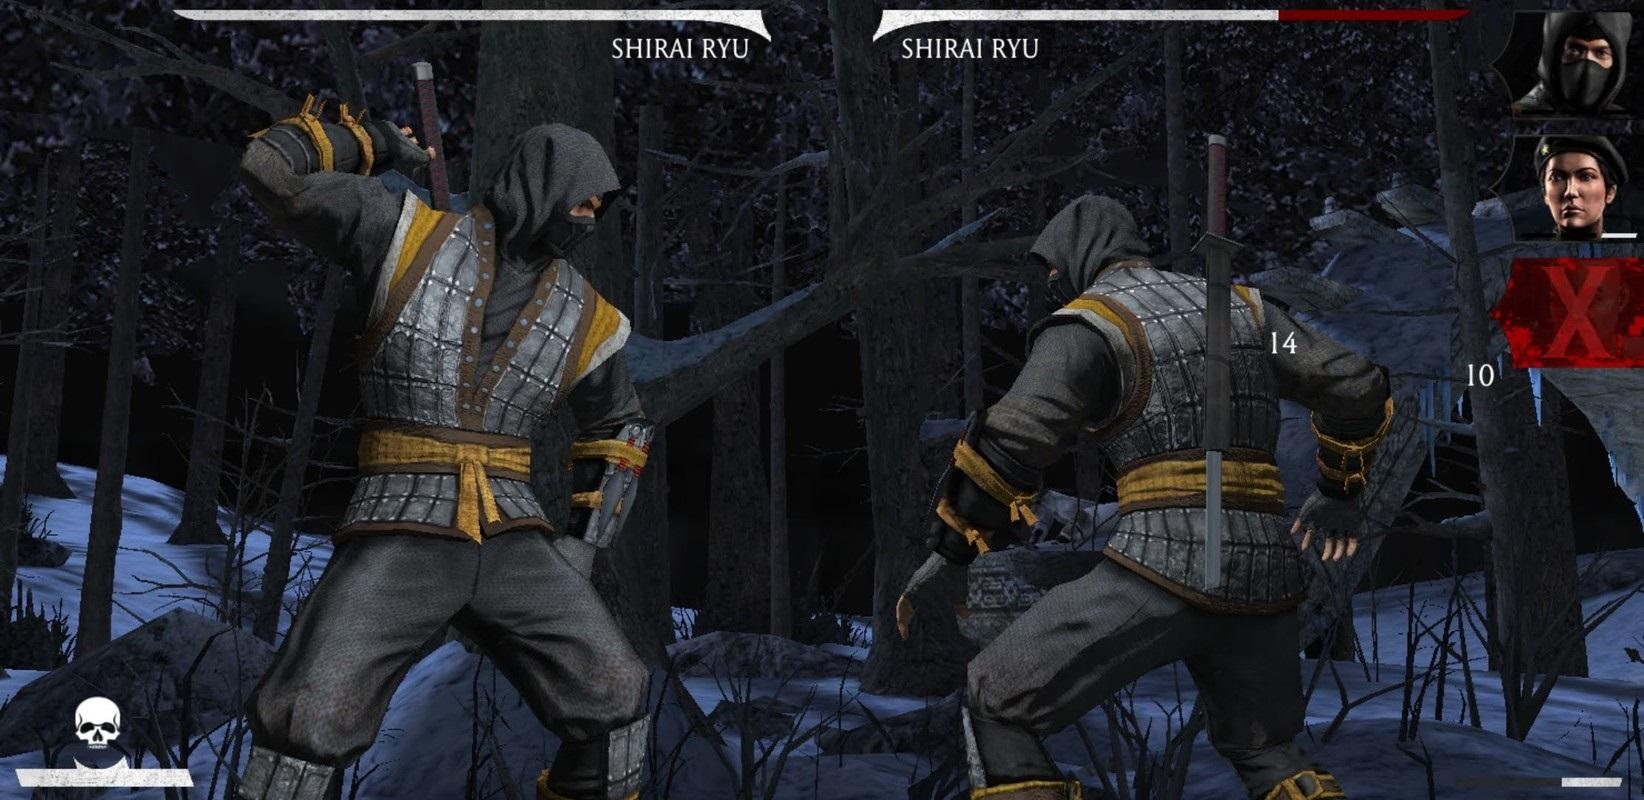 Mortal Kombat มือถือ จากซีรีย์สู่เกมต่อสู้ สุดมันส์2